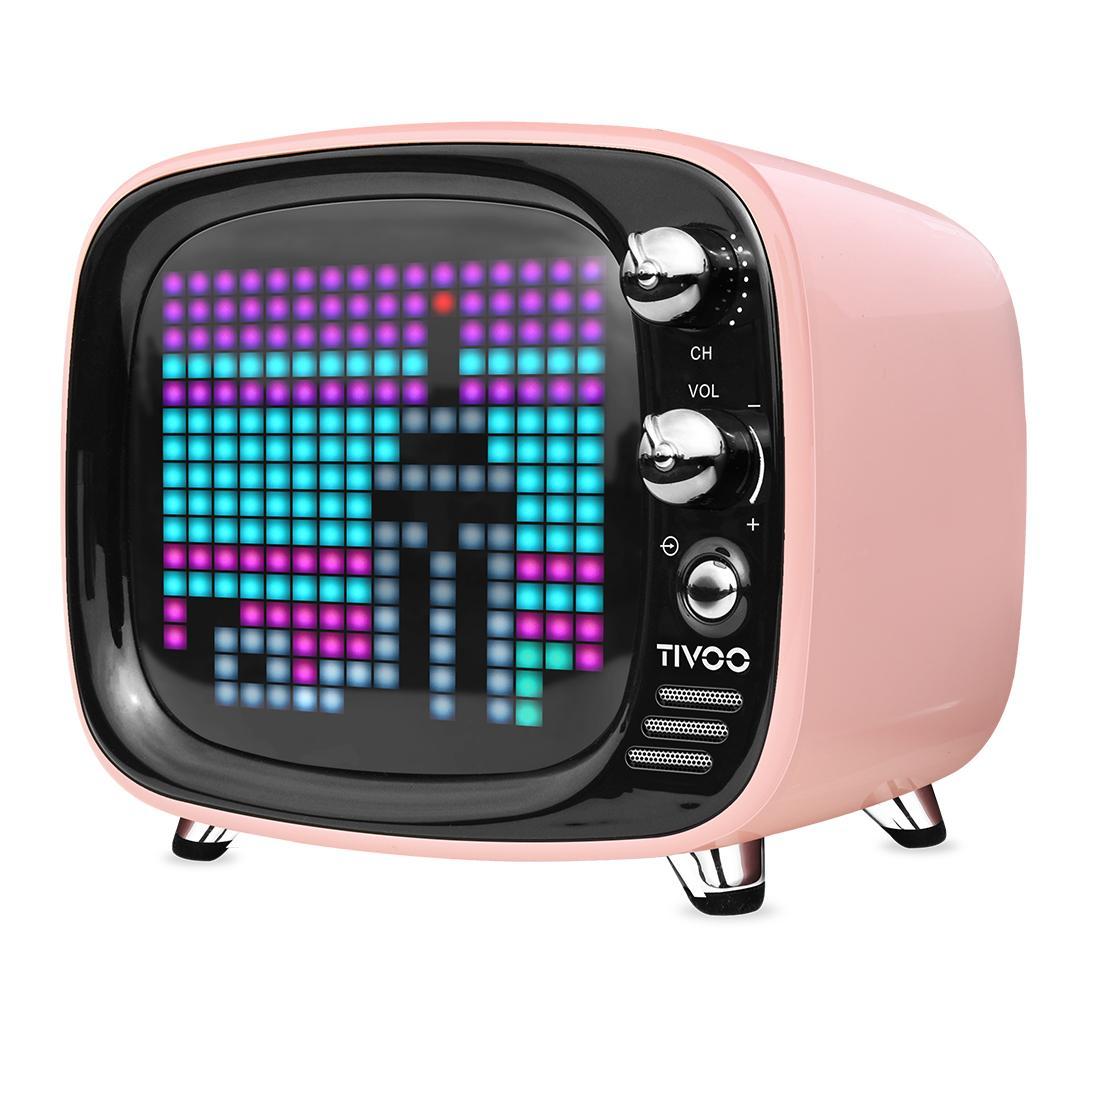 Divoom Tivoo 4th Gen Pixel Speaker PNK - Click to enlarge